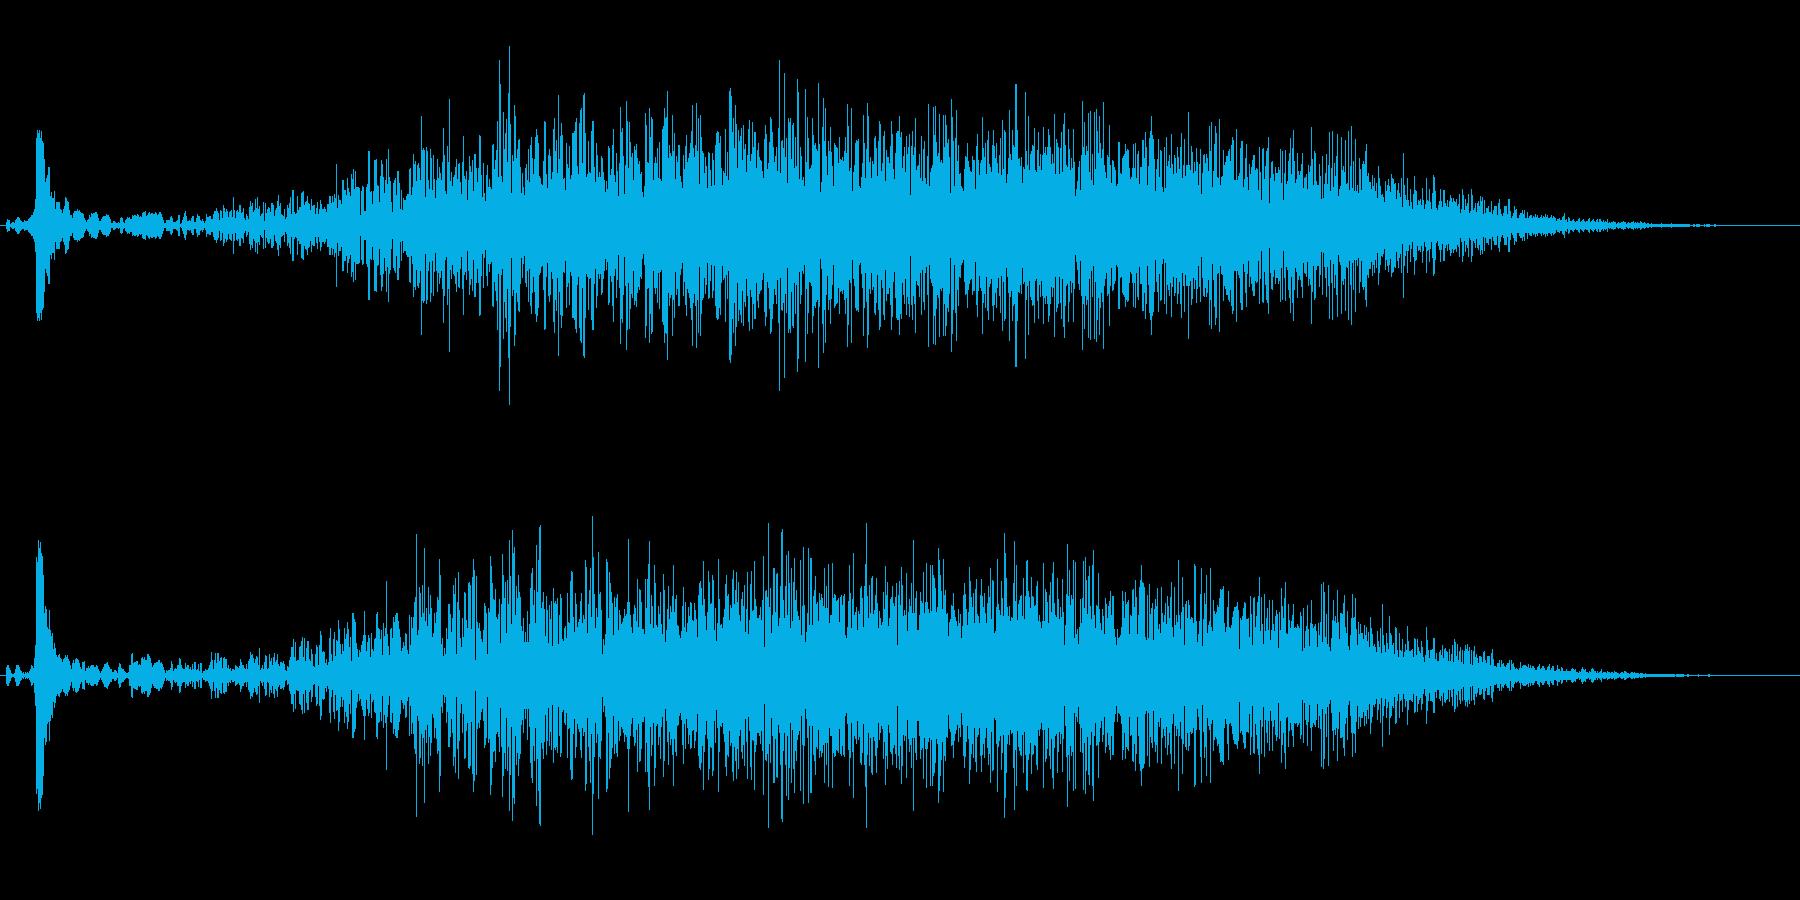 ギューーーン (充填音)の再生済みの波形